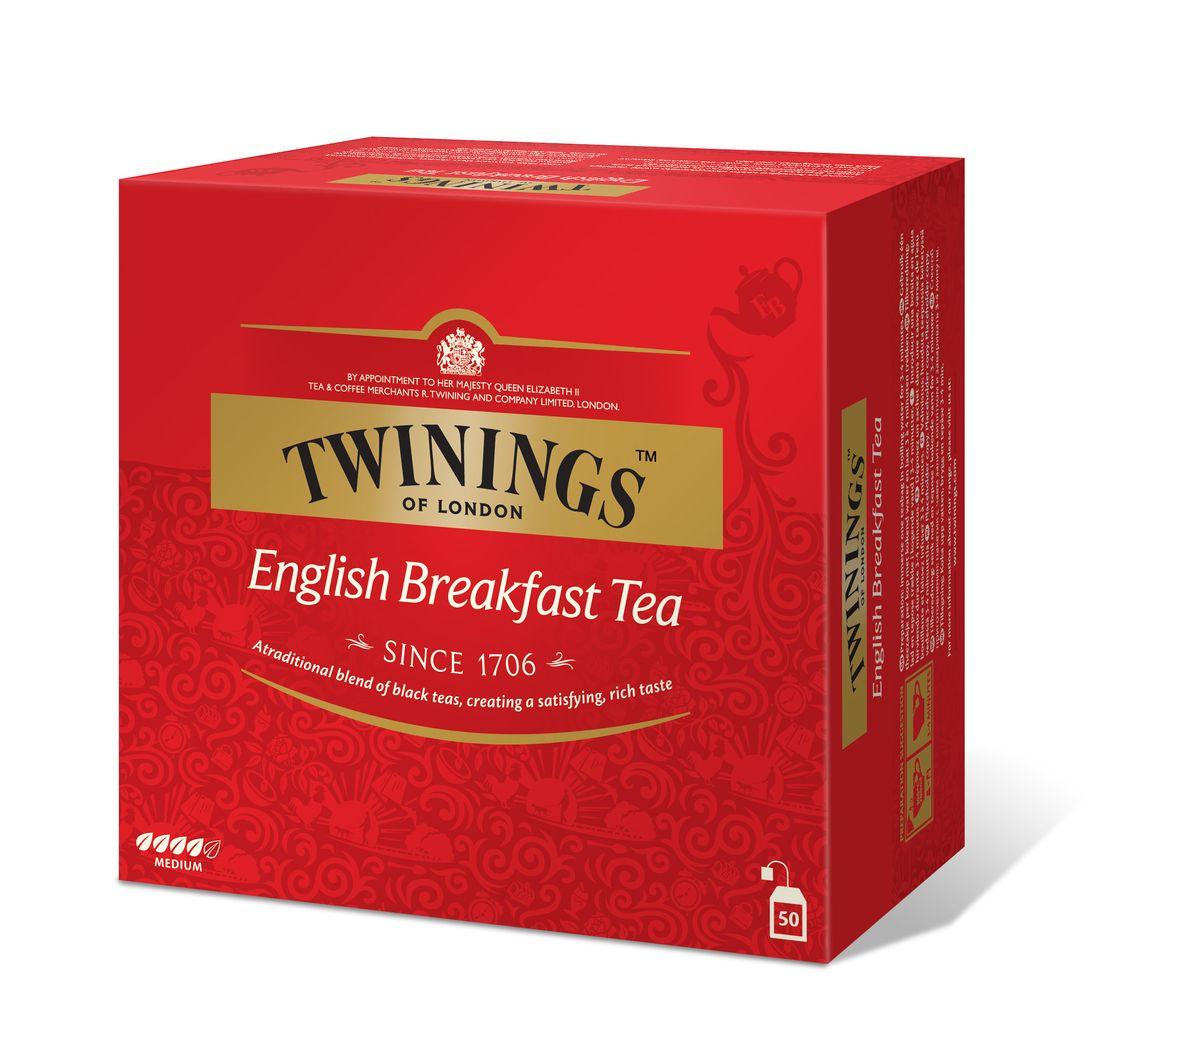 Twinings English Breakfast чай черный в пакетиках, 50 шт701160Черный чай в пакетиках Twinings English Breakfast с классическим вкусом изготовлен из смеси сортов черного чая.